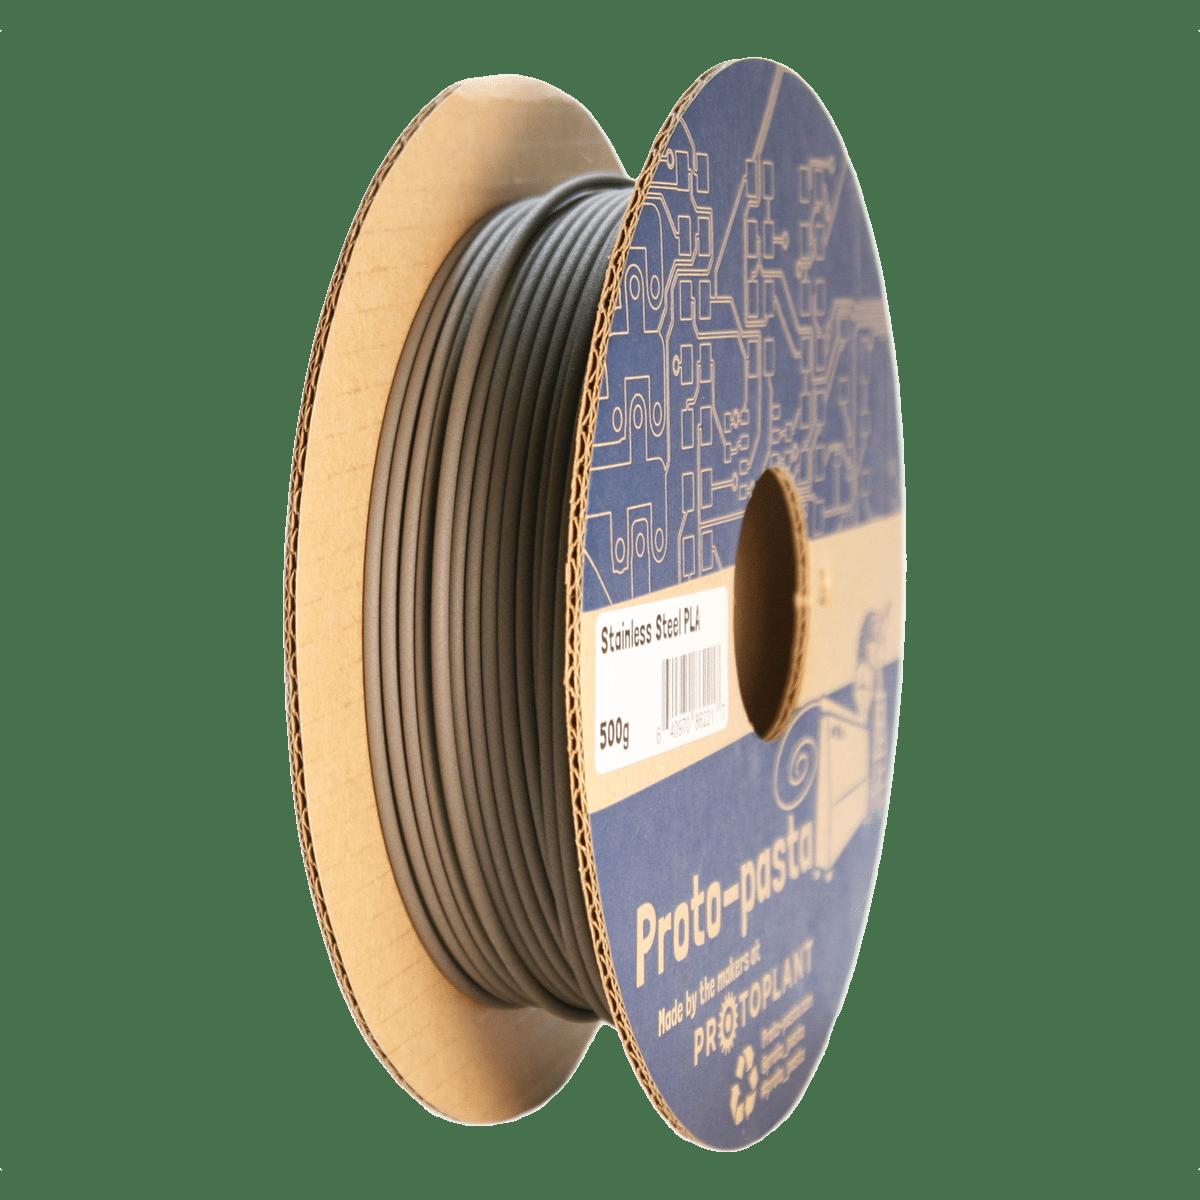 Billede af Proto-pasta Stainless Steel PLA 1.75mm 500g